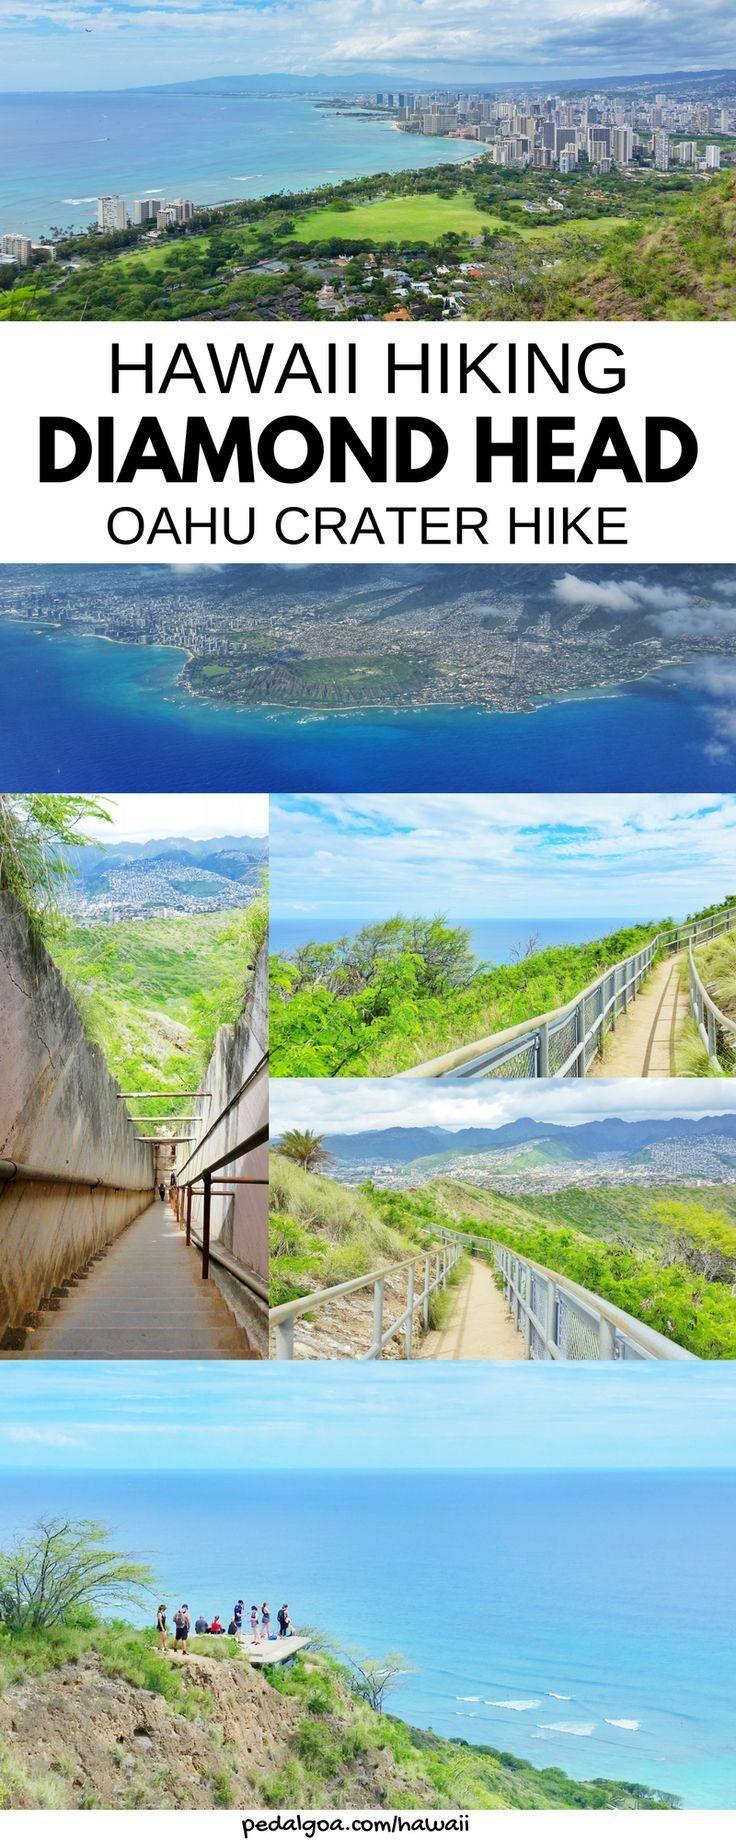 Diamond Head Hike :: Best Oahu Hike With Views Of Waikiki